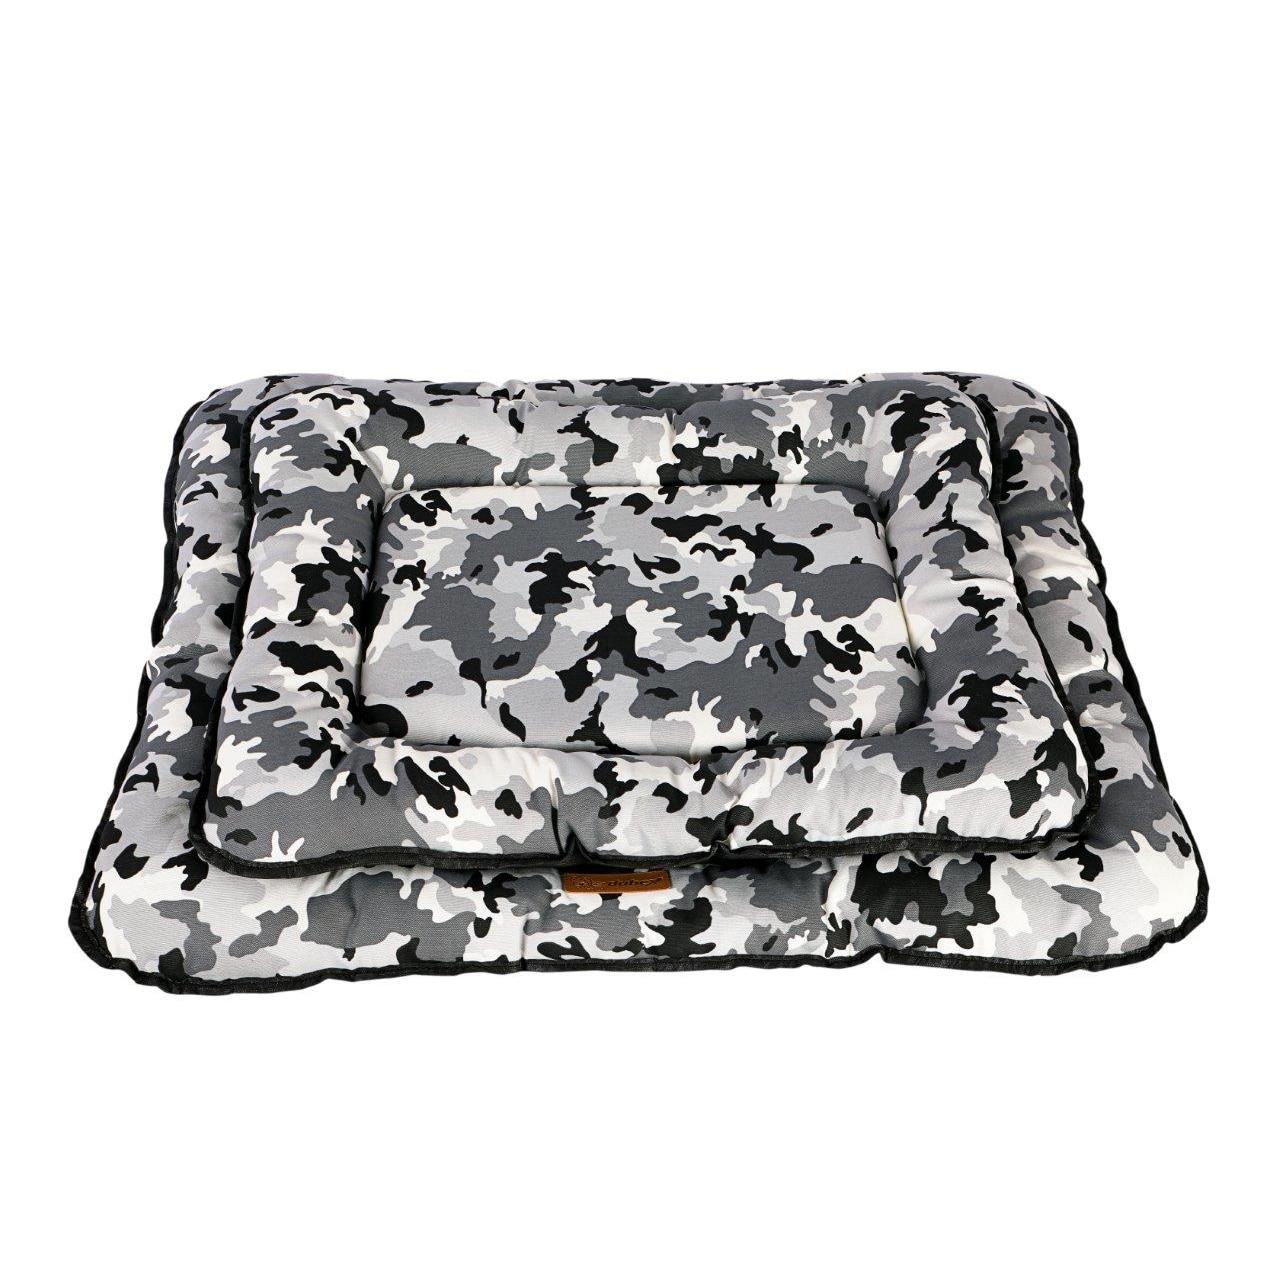 Fotografie Perna pentru caini si pisici 4Dog Deluxe Camouflage M, Gri-Negru, 70x48 cm